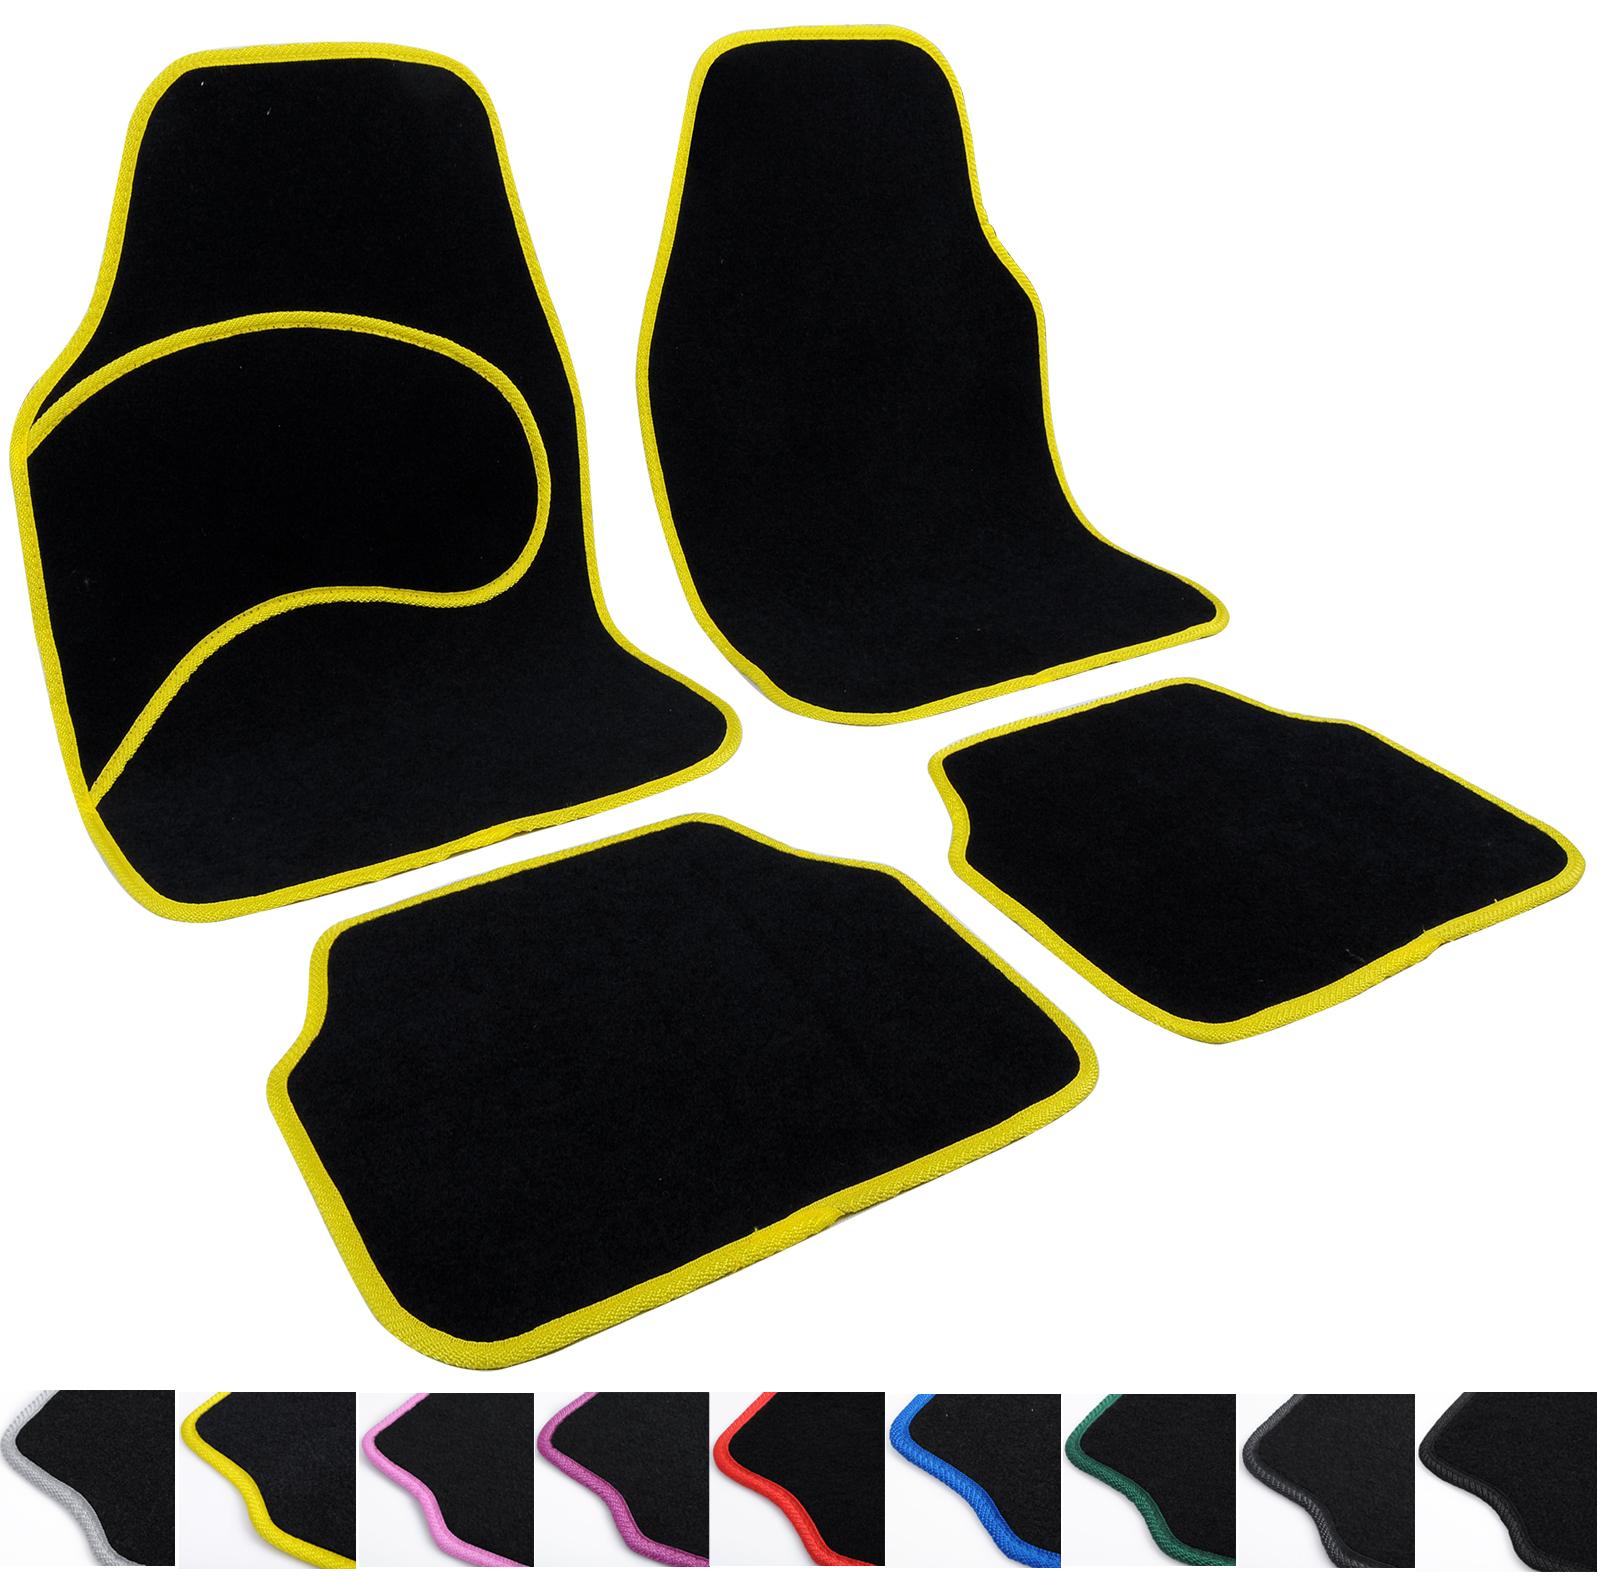 universal auto fu matten teppich matten autoteppiche stoffmatten set gelb 7138 ebay. Black Bedroom Furniture Sets. Home Design Ideas